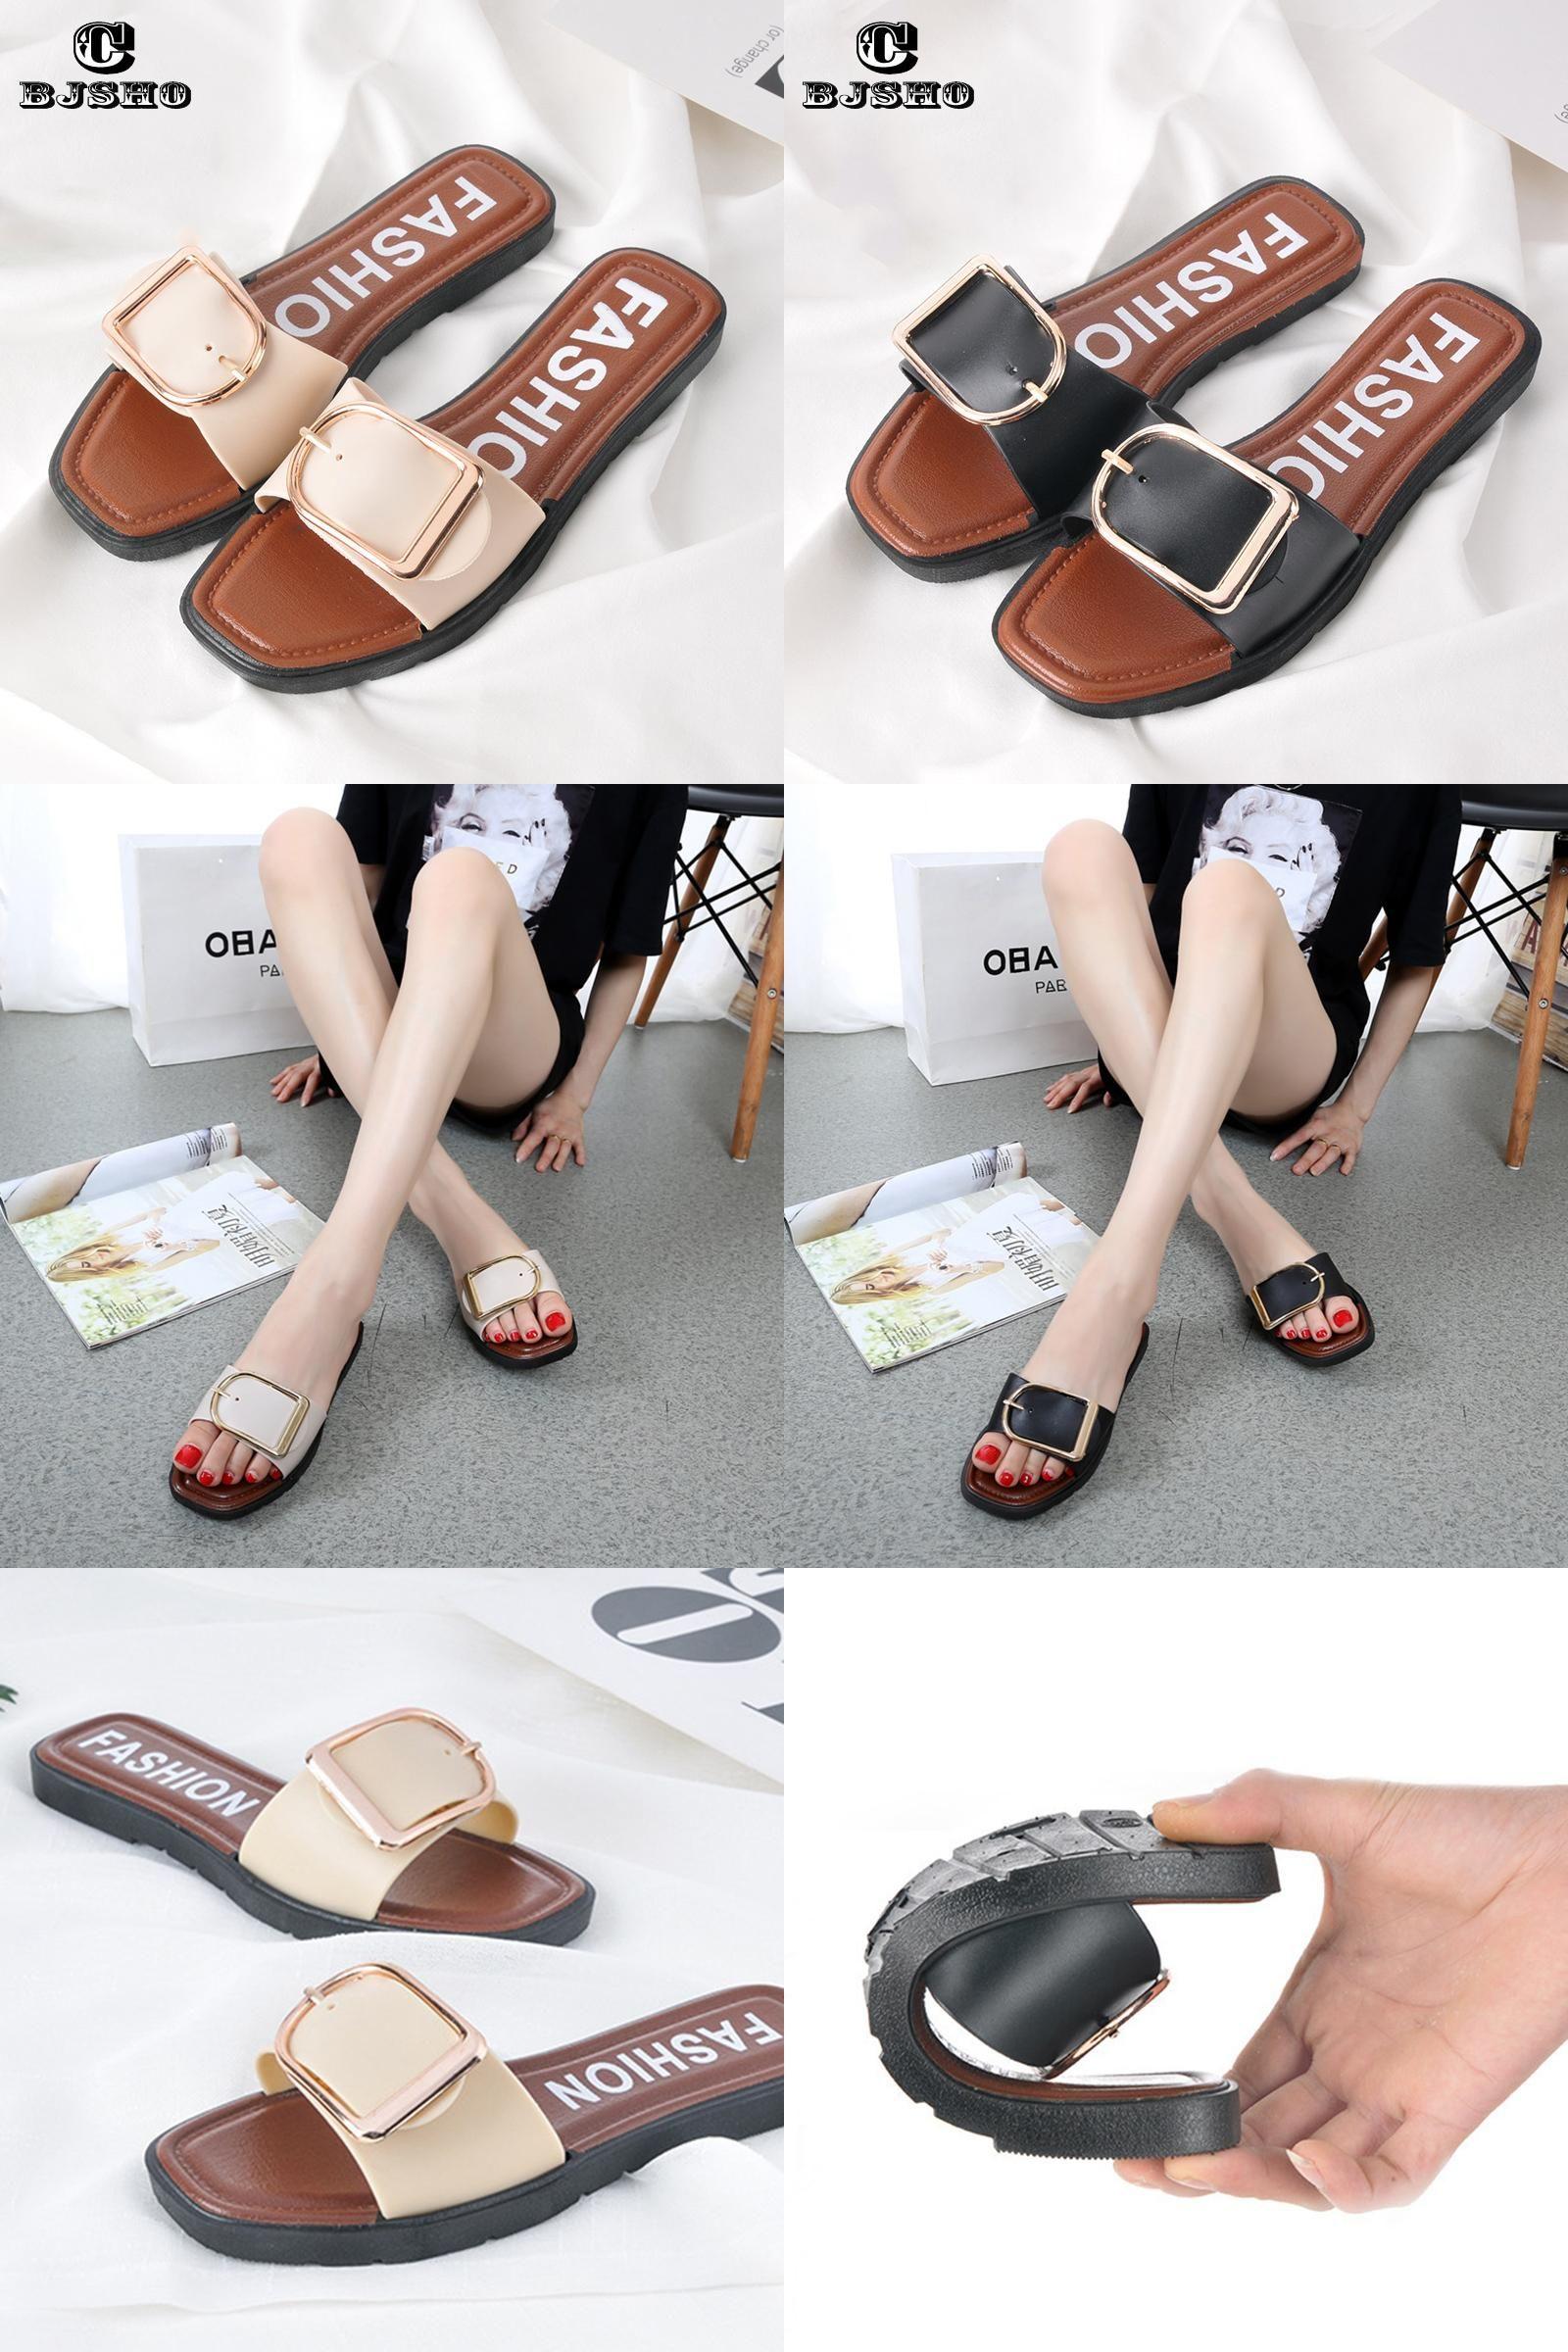 Beach flip flops · [Visit to Buy] CBJSHO 2017 Summer Sandals Women Slippers  Non-slip Basic Sides